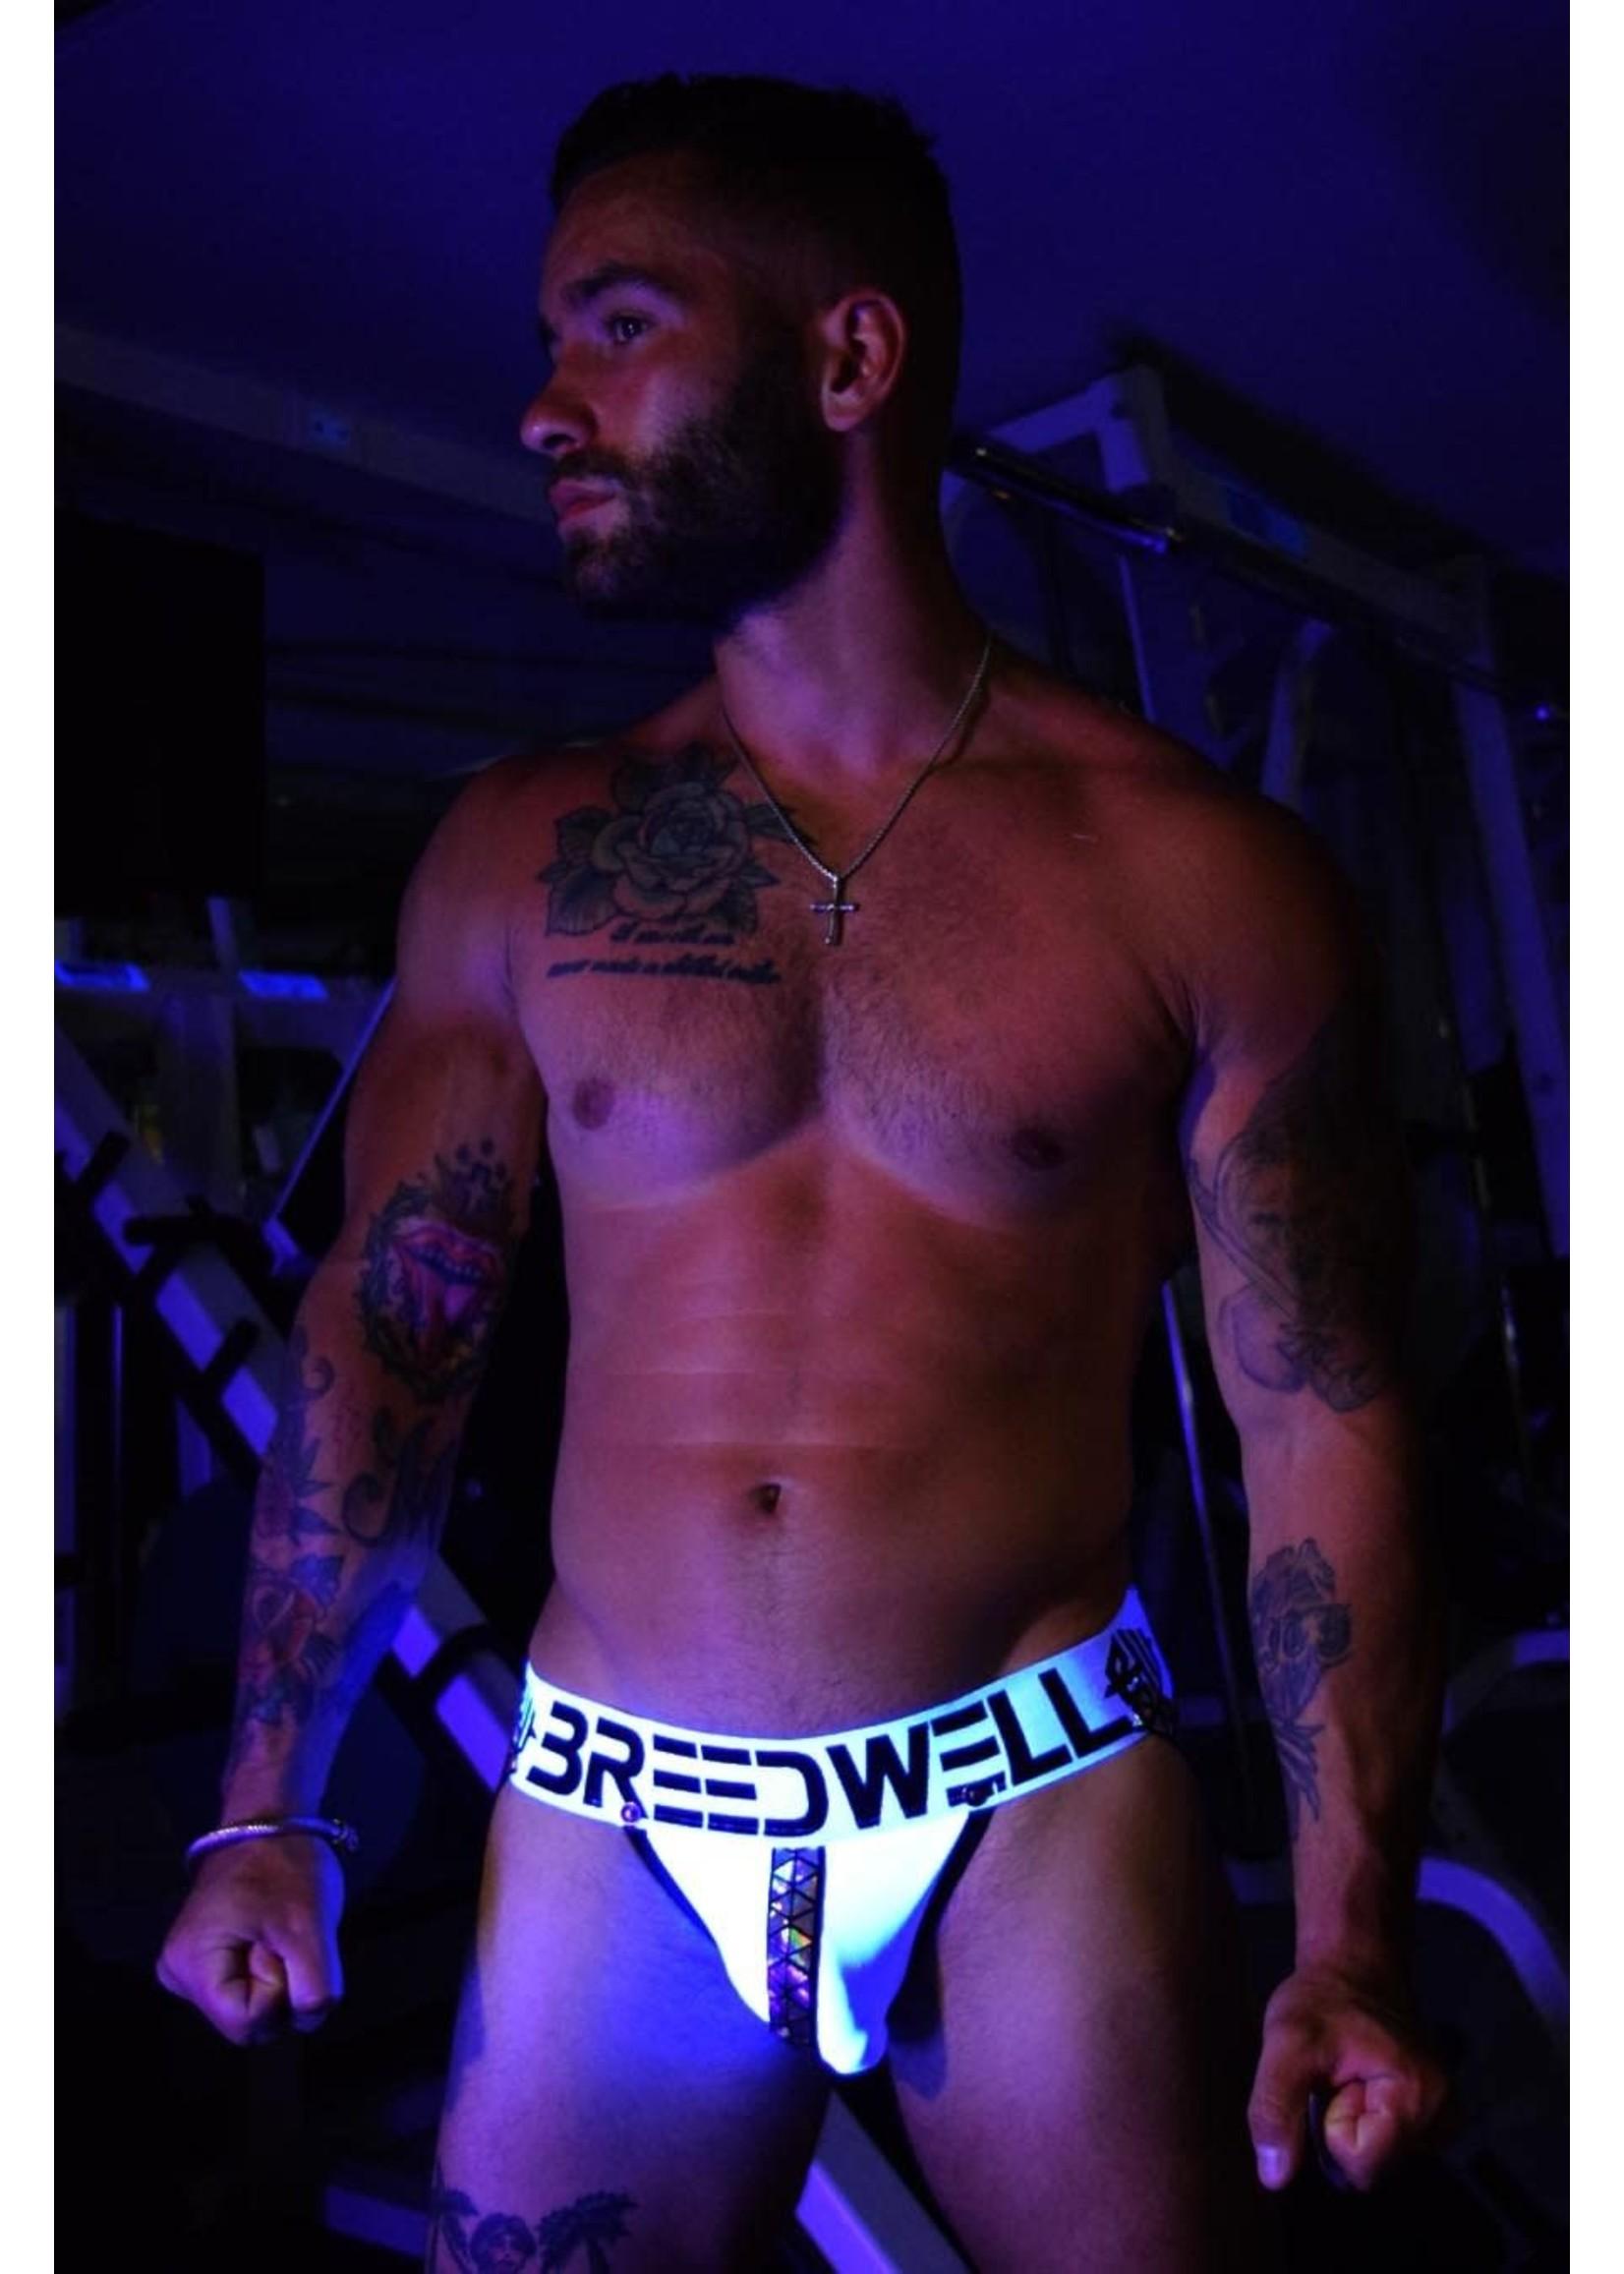 Breedwell Breedwell Prism Blacklight Jock